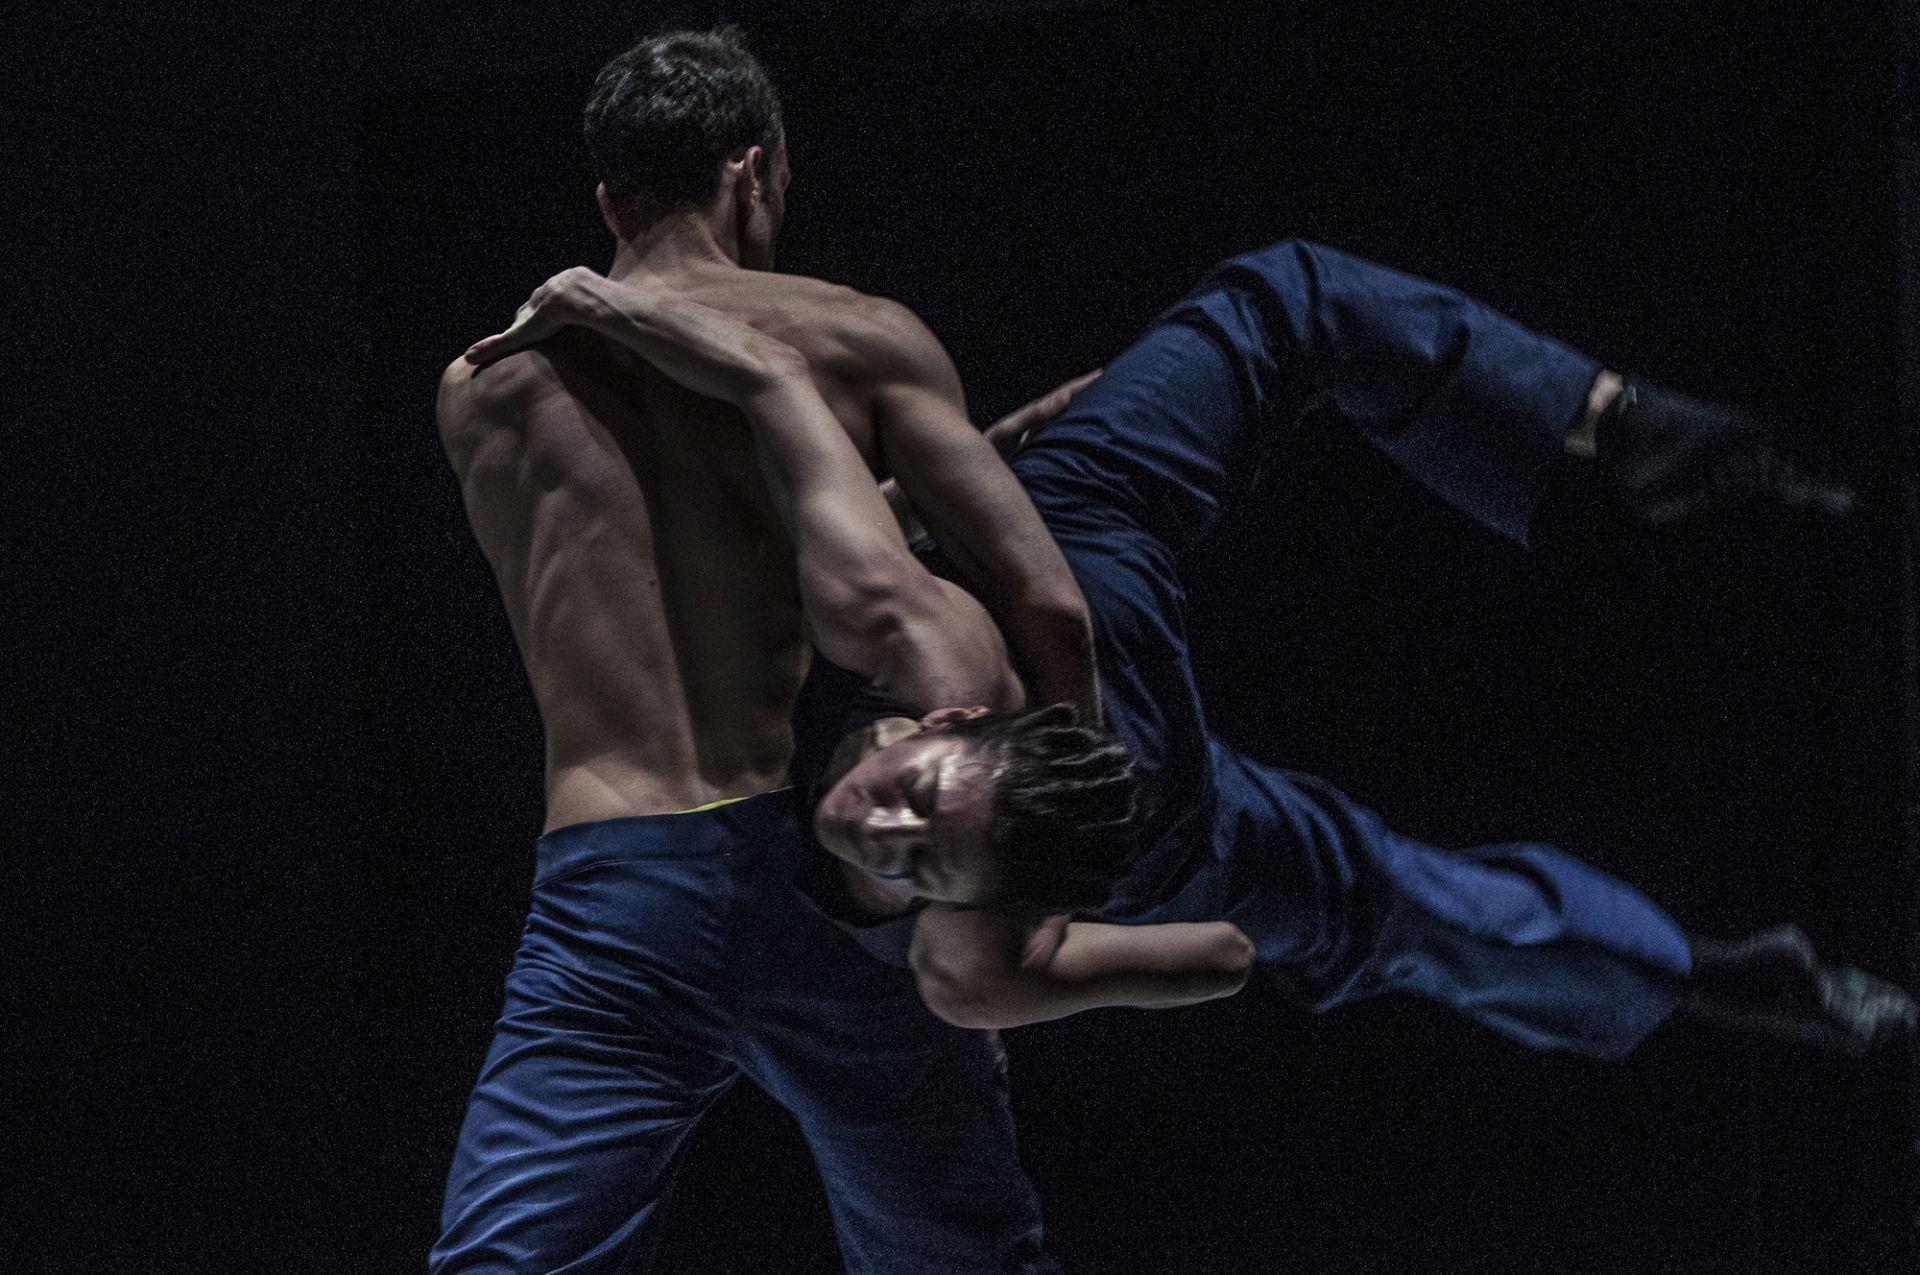 PLESNA MREŽA HRVATSKE: Najbolje plesne predstave na gostovanjima diljem Hrvatske